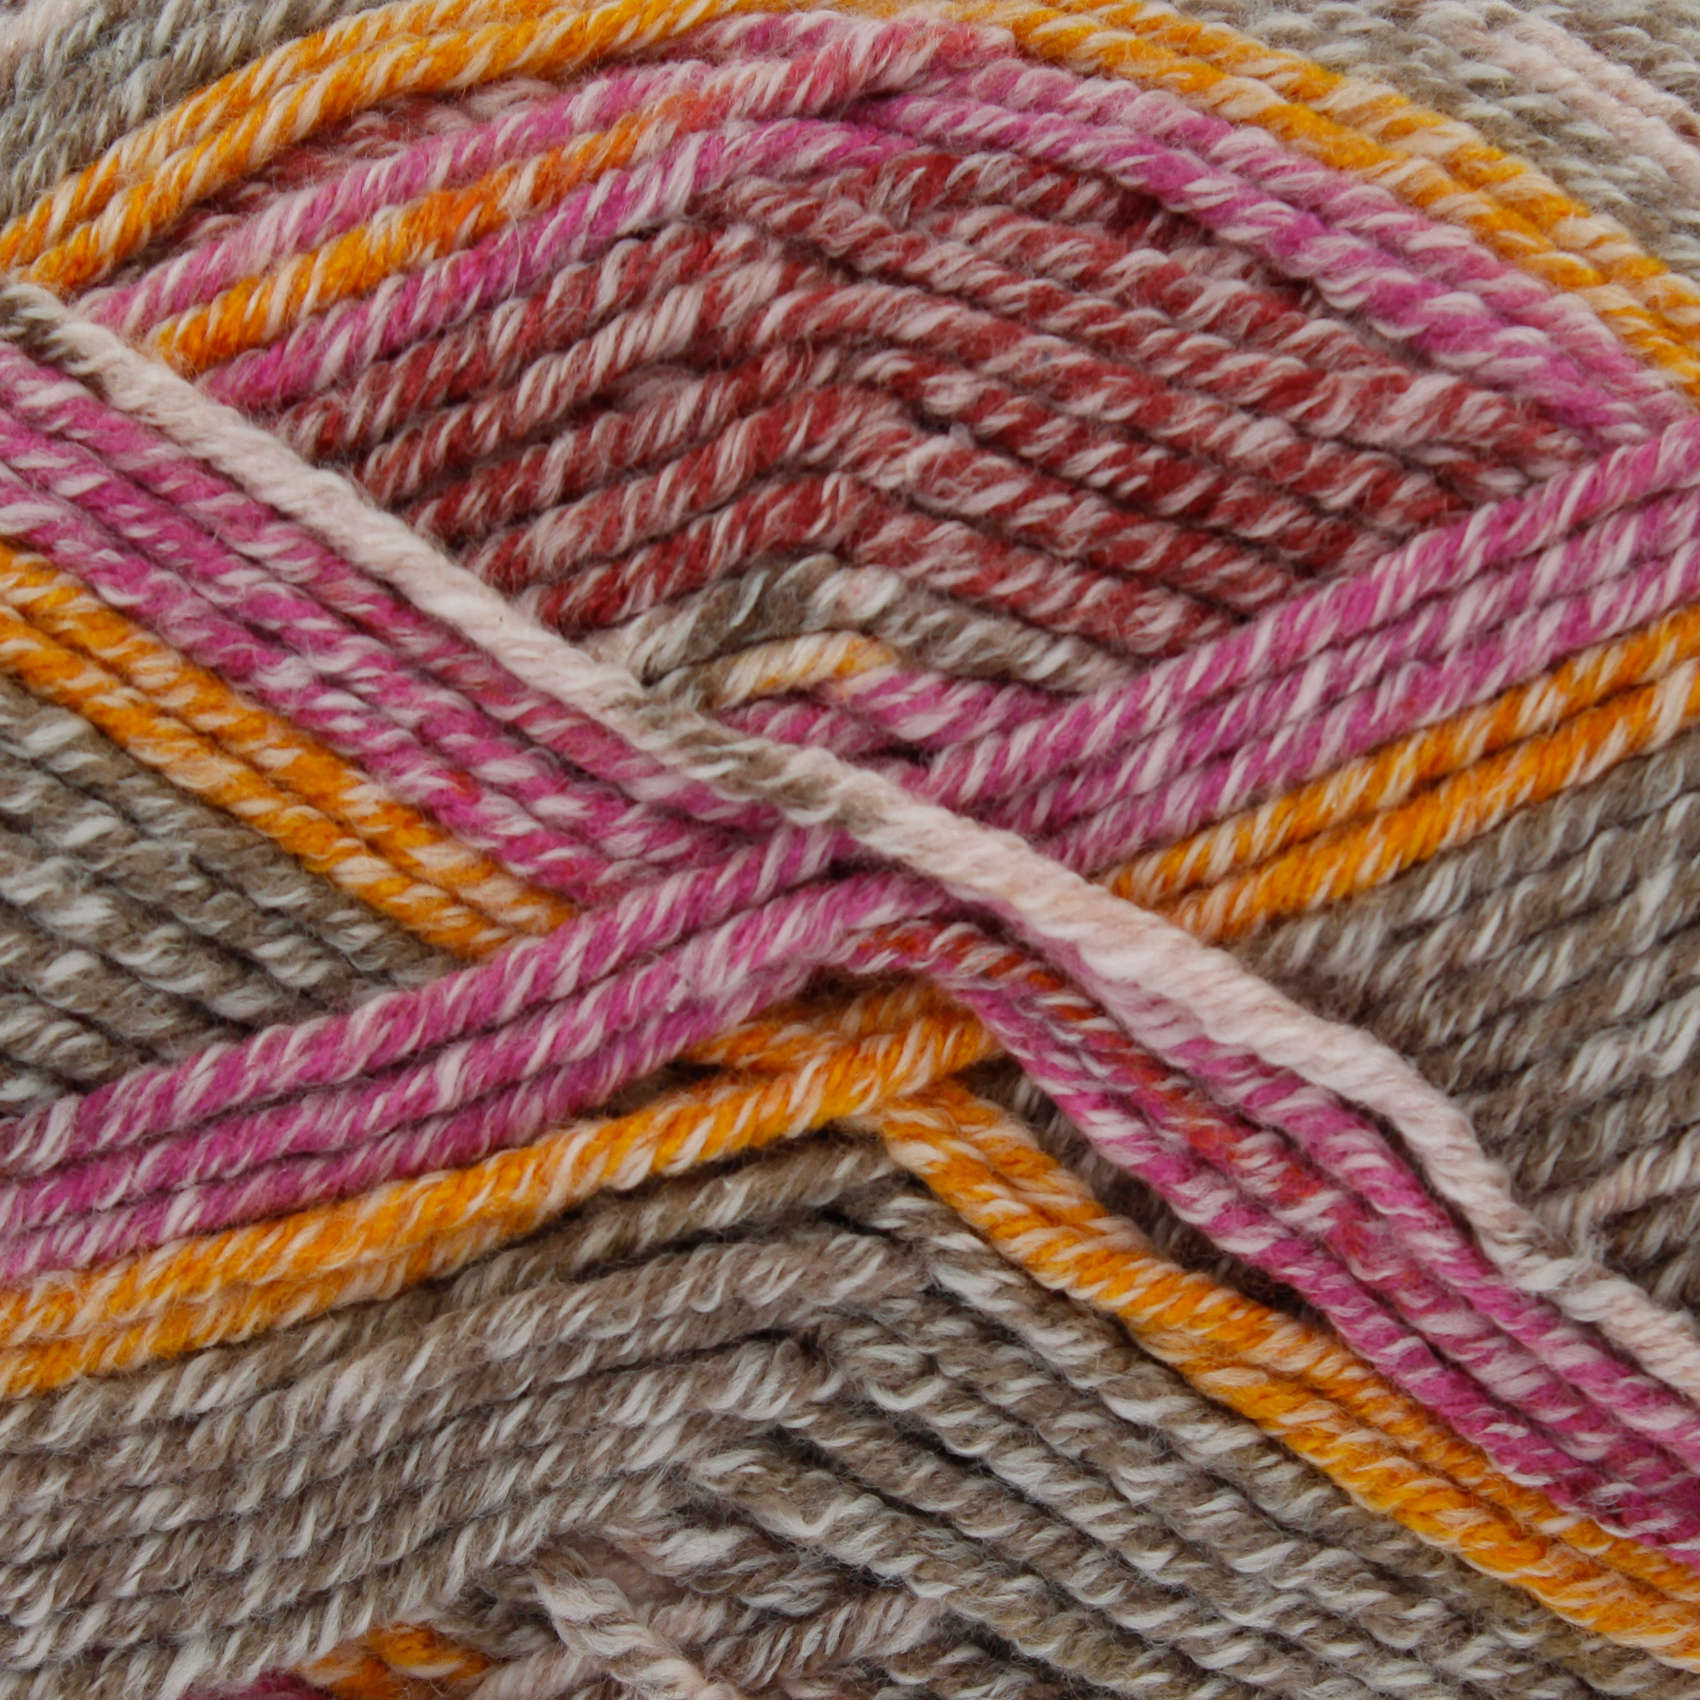 Knitting Yarn Design : G ball drifter chunky knitting yarn king cole soft